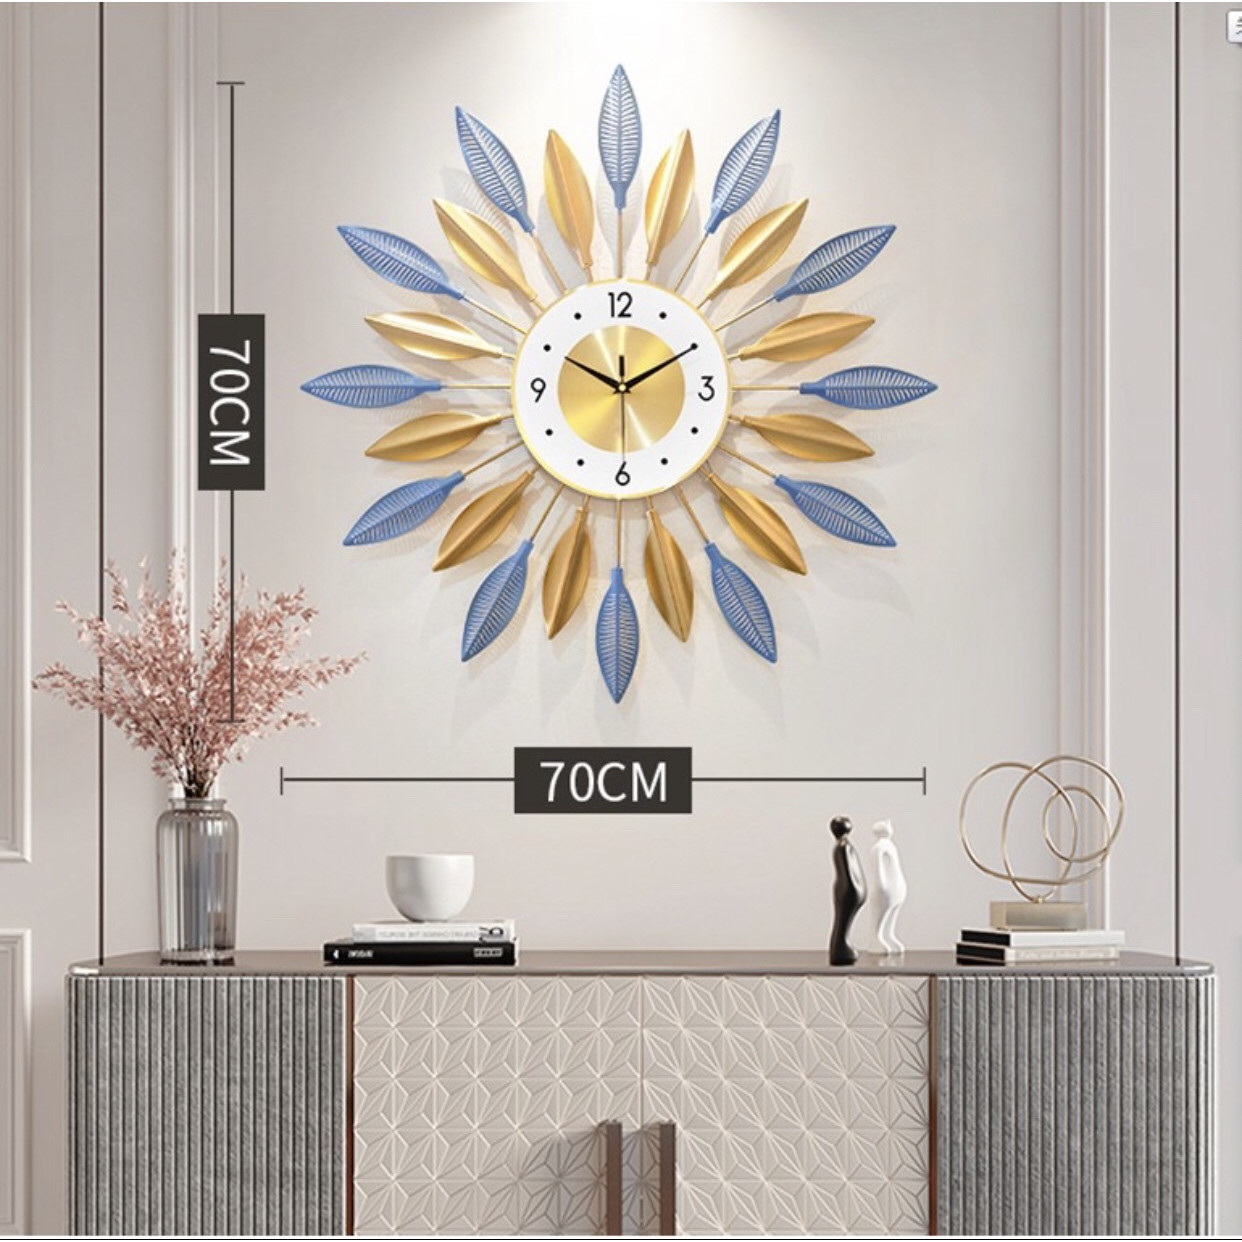 Đồng hồ treo tuong hình cách hoa nâu DH573